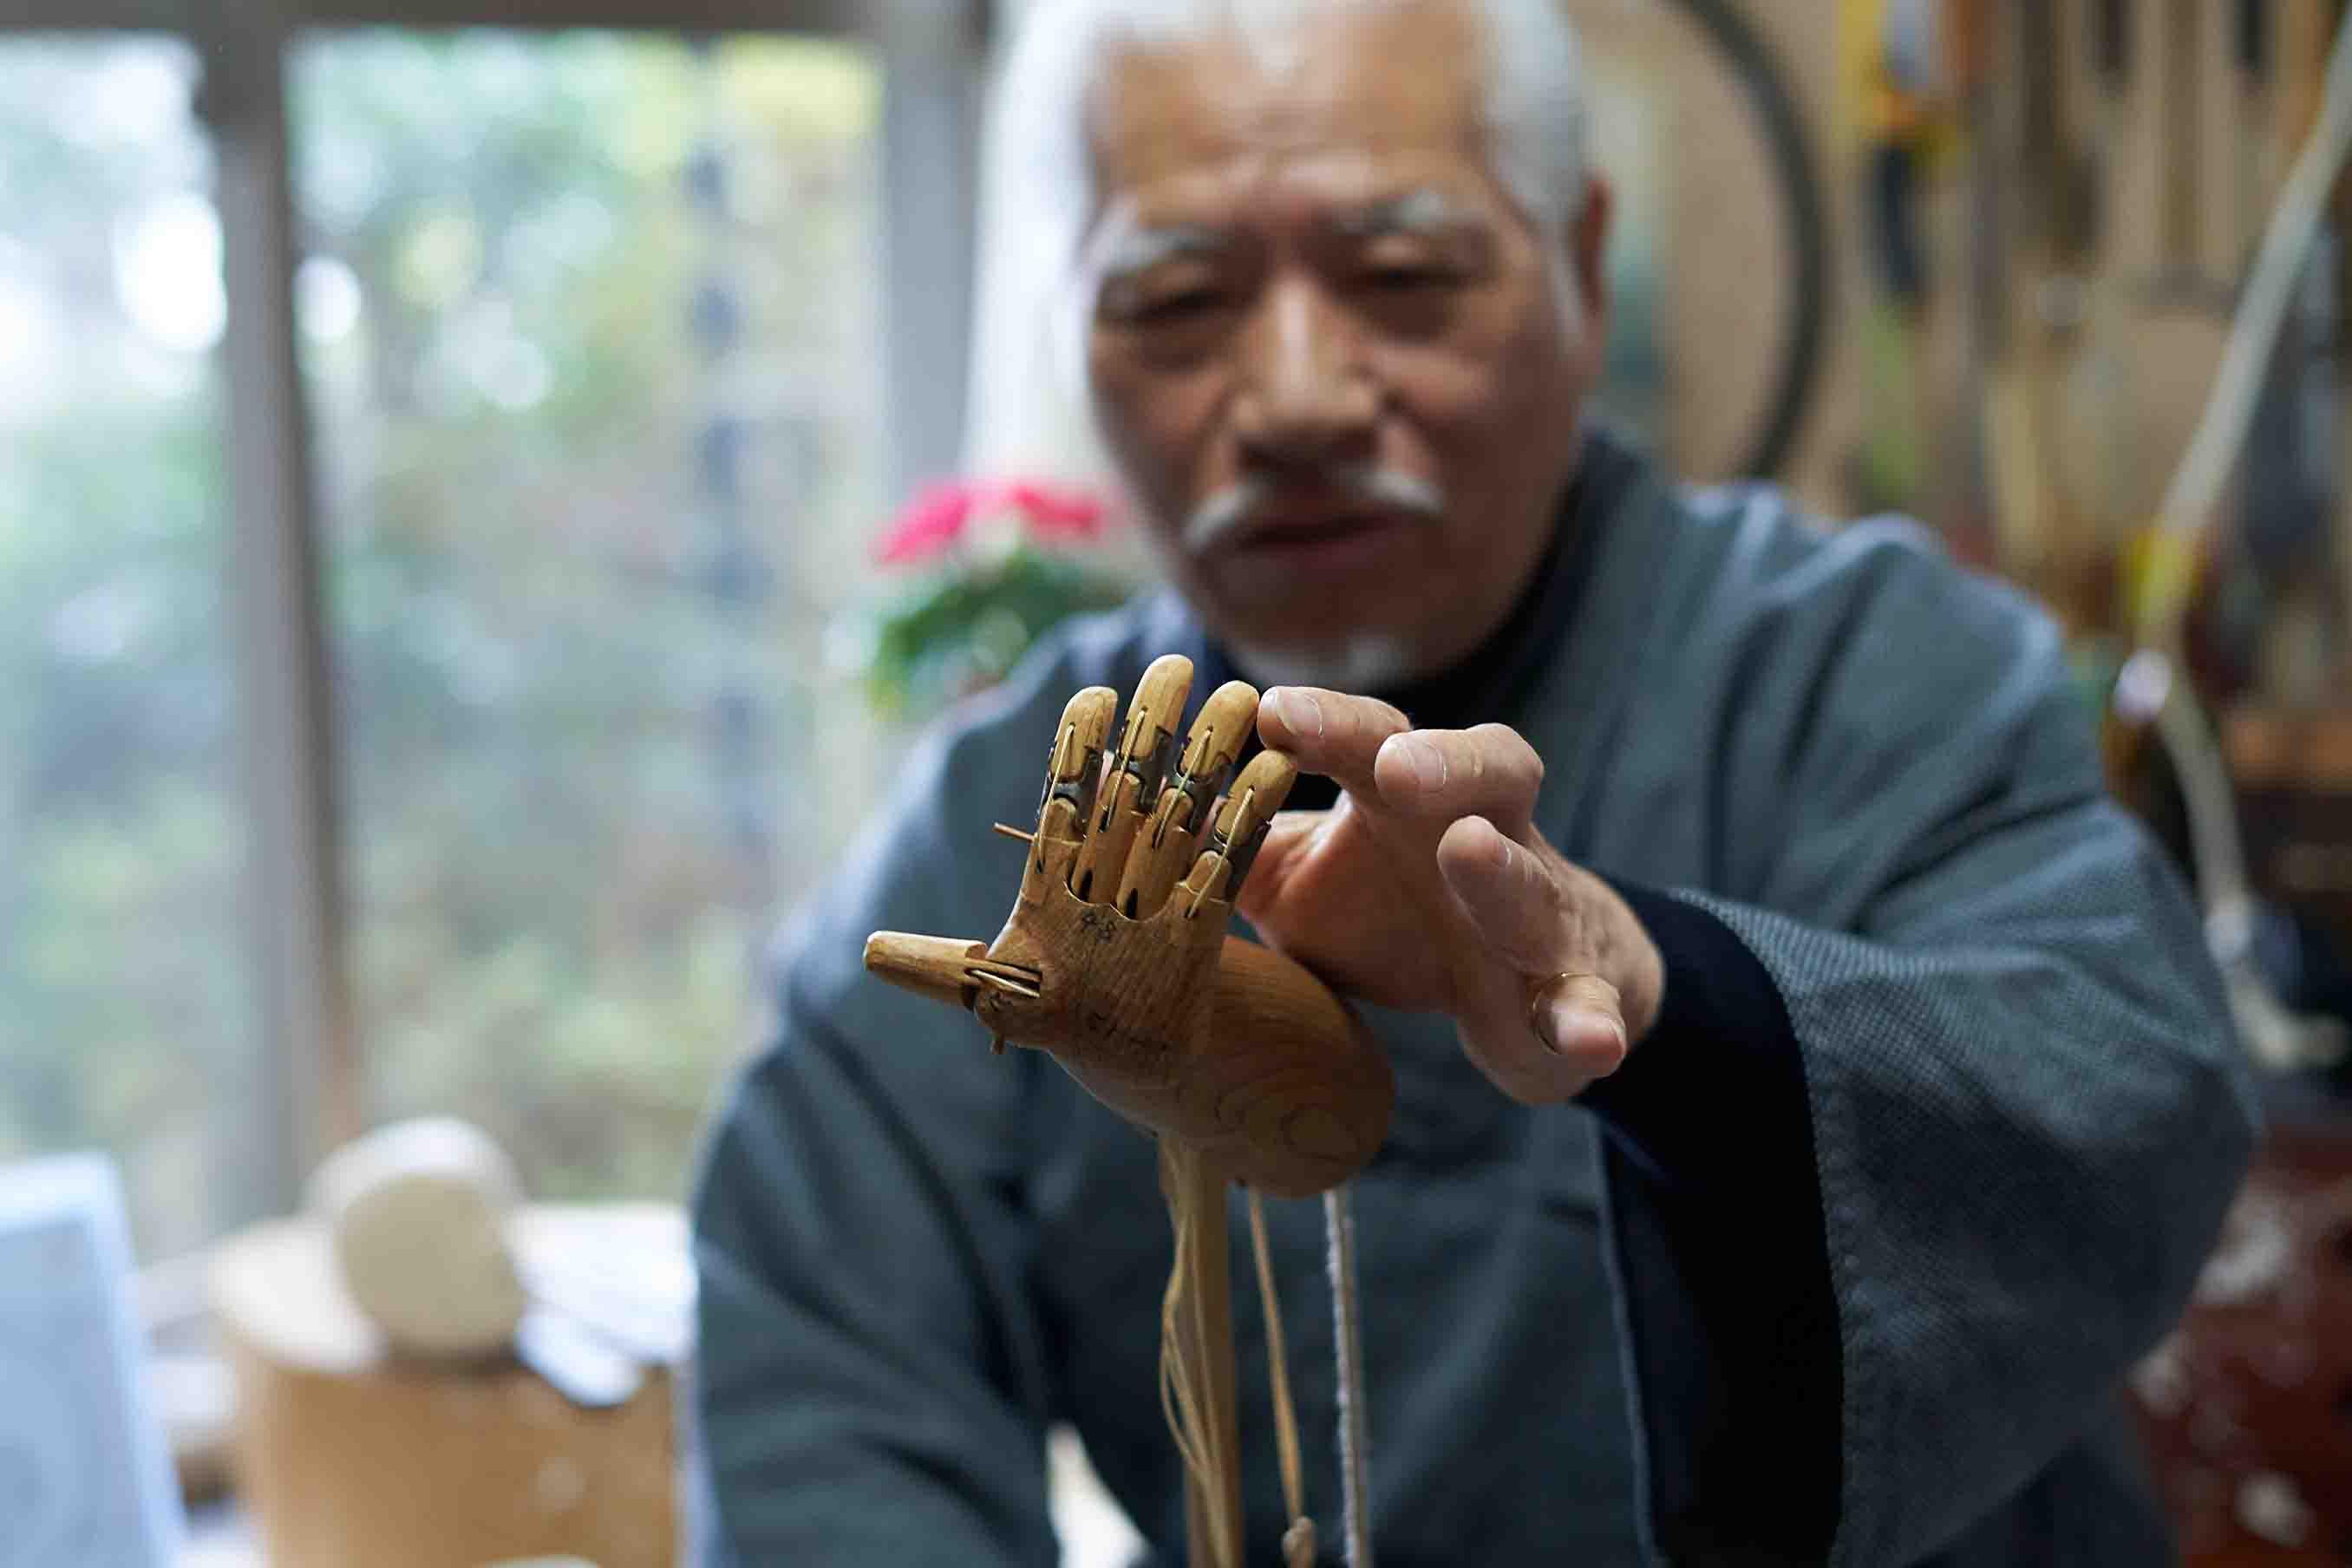 こちらは男性の手。見栄を切る場合などに開くよう関節の数が多く細工が難しいパーツ